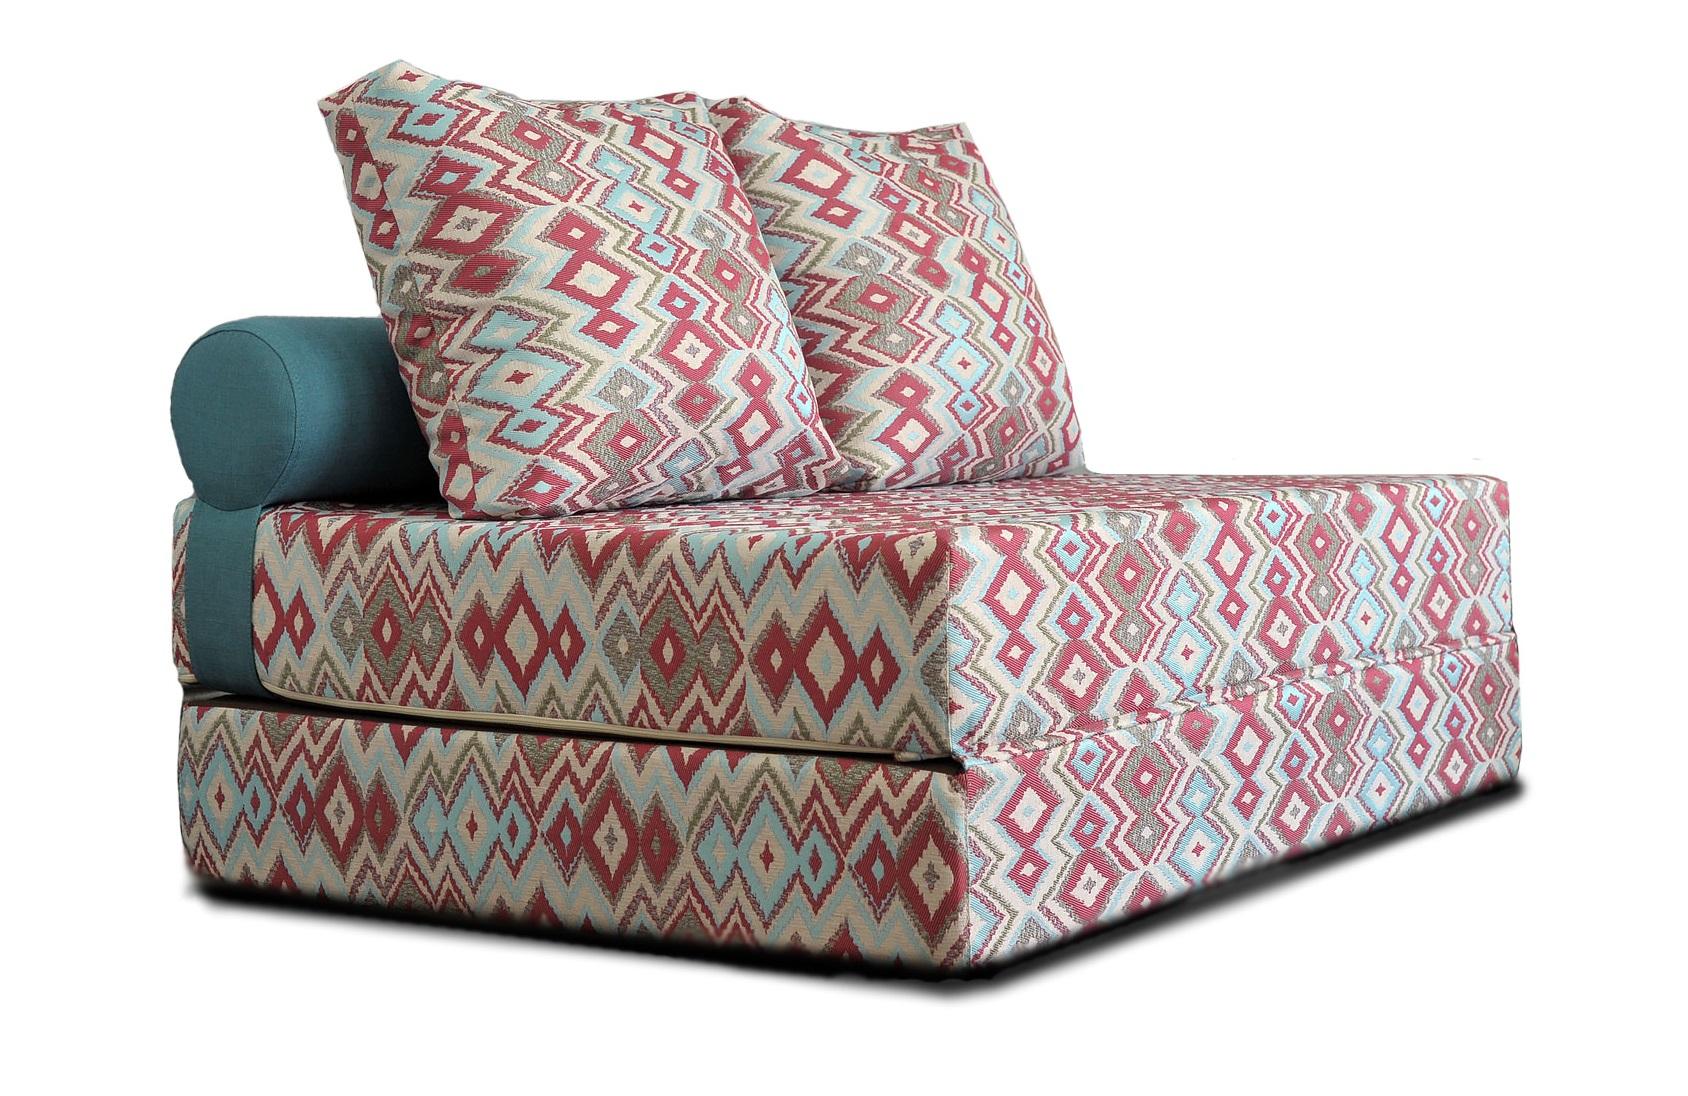 Диван-кровать Costa GLMПрямые раскладные диваны<br>Бескаркасное кресло-кровать из коллекции IQMebel  - это одновременно и уютный диванчик для двоих и полноценная двуспальная  кровать (размером 140*200). Оно экономит место в вашей квартире. Кресло–кровать незаменимо, когда к вам неожиданно нагрянули гости с ночевкой. В отличии от стандартной корпусной мебели его можно с легкостью передвигать с места на место, ведь его вес всего 25 кг. Отсутствие твердых элементов гарантирует вашу безопасность и защиту от травм. Габариты: ширина 140 см., длина 100см. (в сложенном виде), длина 200см. (в разложенном).&amp;amp;nbsp;&amp;lt;div&amp;gt;&amp;lt;br&amp;gt;&amp;lt;/div&amp;gt;&amp;lt;div&amp;gt;Ткань: внешний чехол – шенилл.&amp;amp;nbsp;&amp;lt;/div&amp;gt;&amp;lt;div&amp;gt;нутренний чехол – есть, нейлон-хлопок.&amp;lt;/div&amp;gt;<br><br>Material: Текстиль<br>Length см: None<br>Width см: 100<br>Depth см: 140<br>Height см: 40